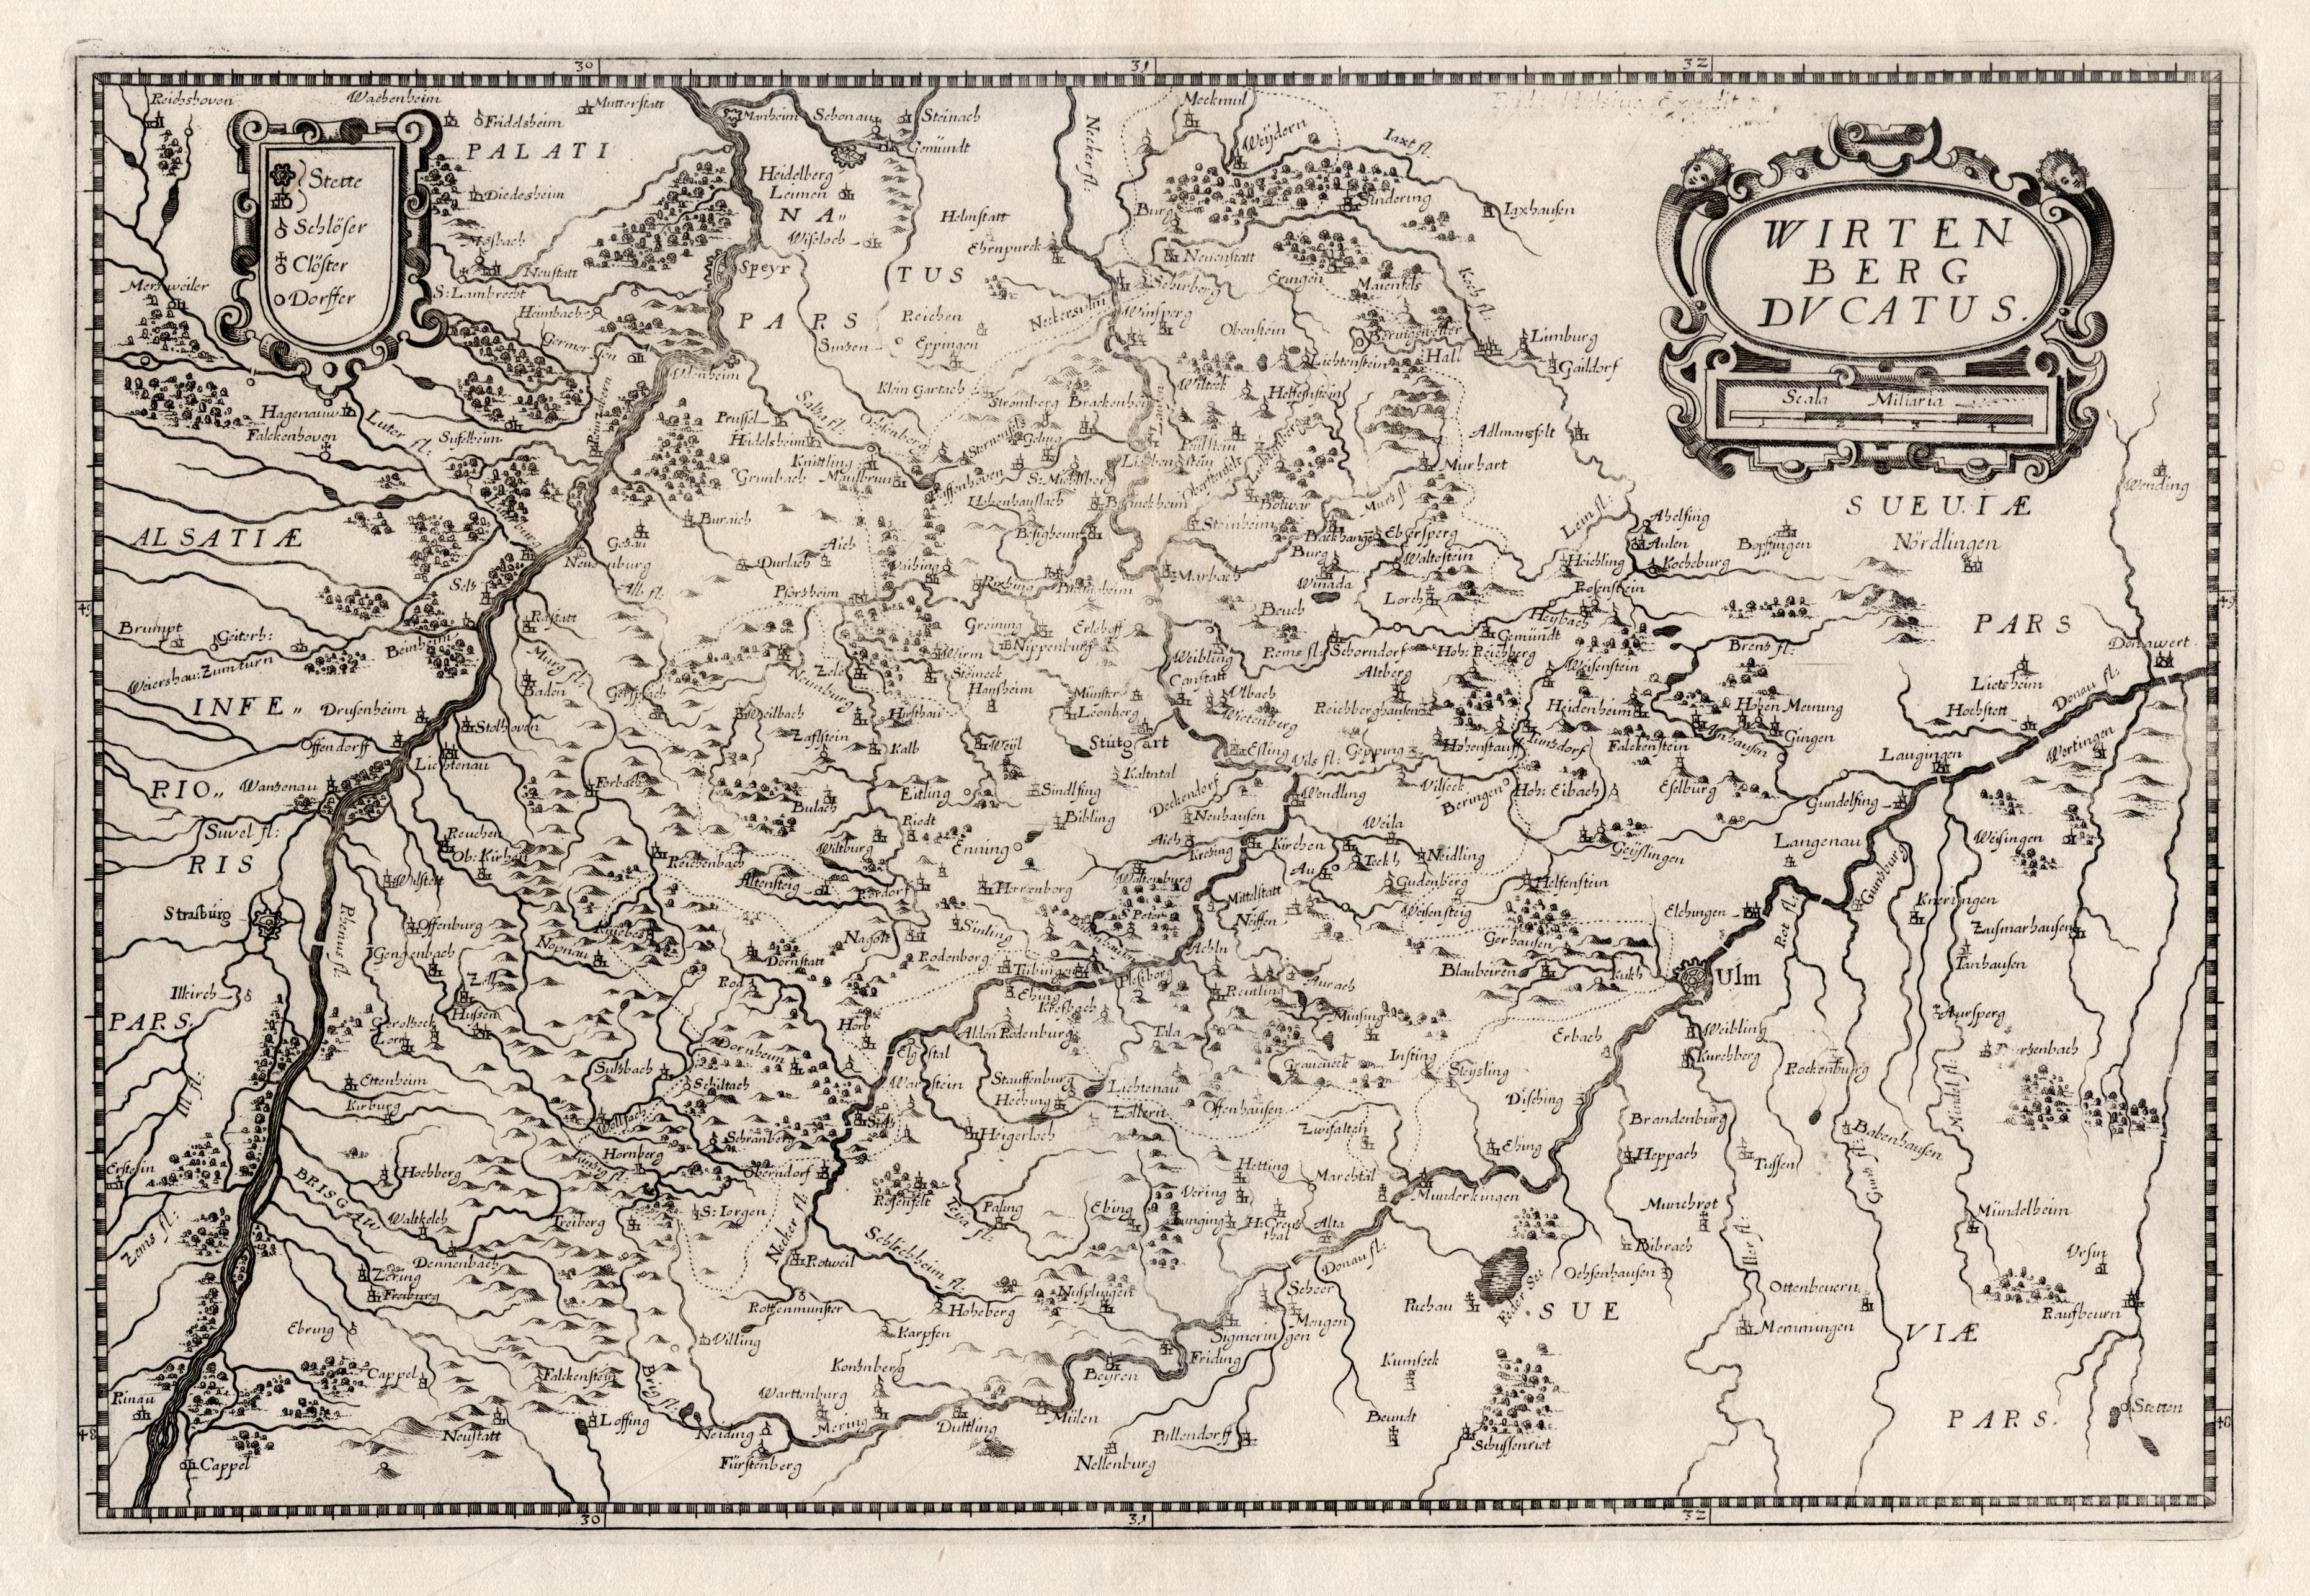 """Kst.- Karte, b. Merian, """"Wirtenberg ducatus"""".: Württemberg ( Herzogtum"""